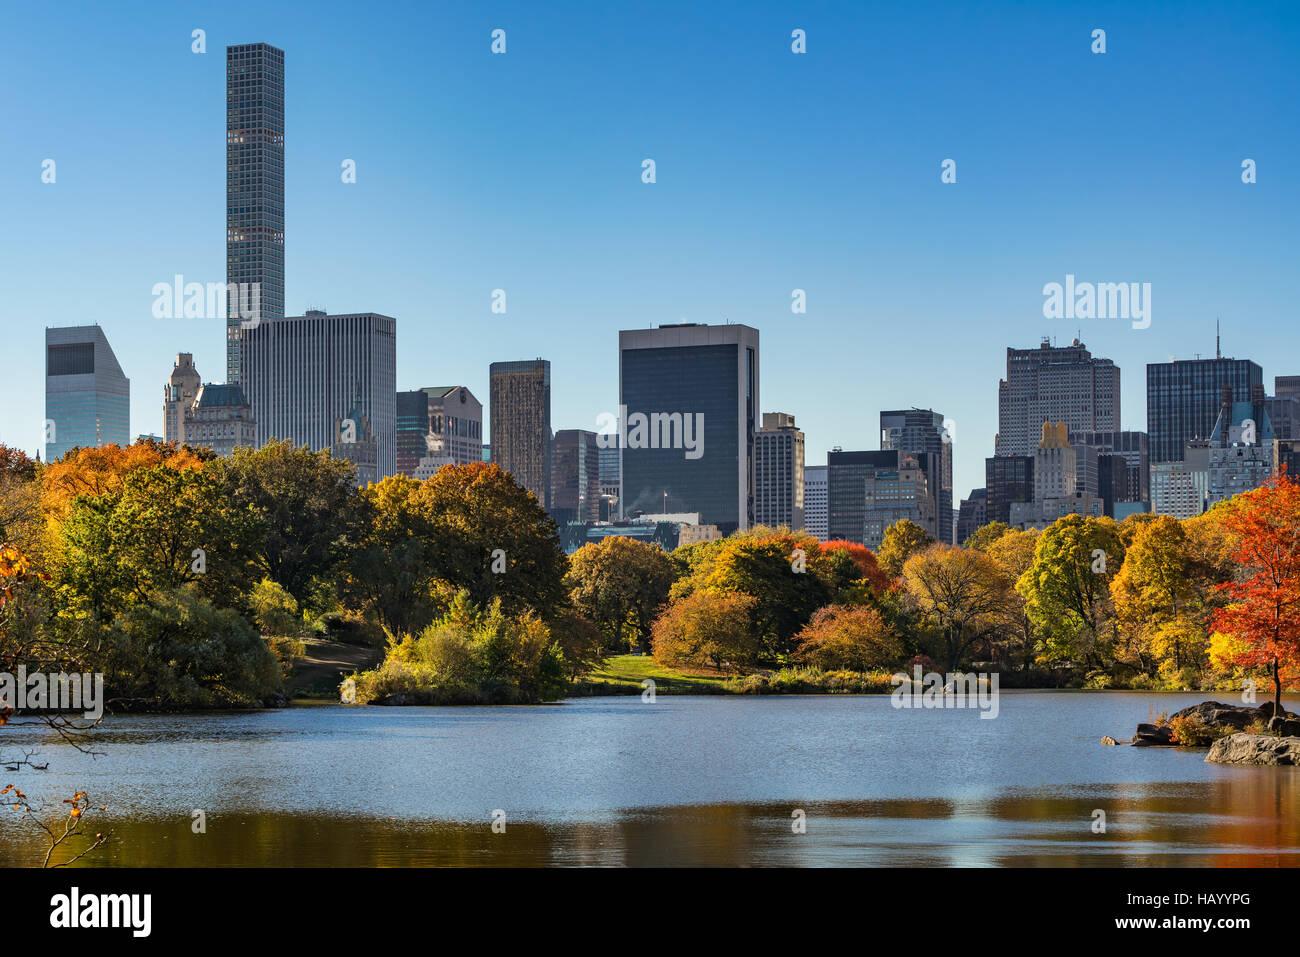 Otoño en Central Park en el lago con rascacielos de Midtown. Por la mañana vista con colorido follaje Imagen De Stock